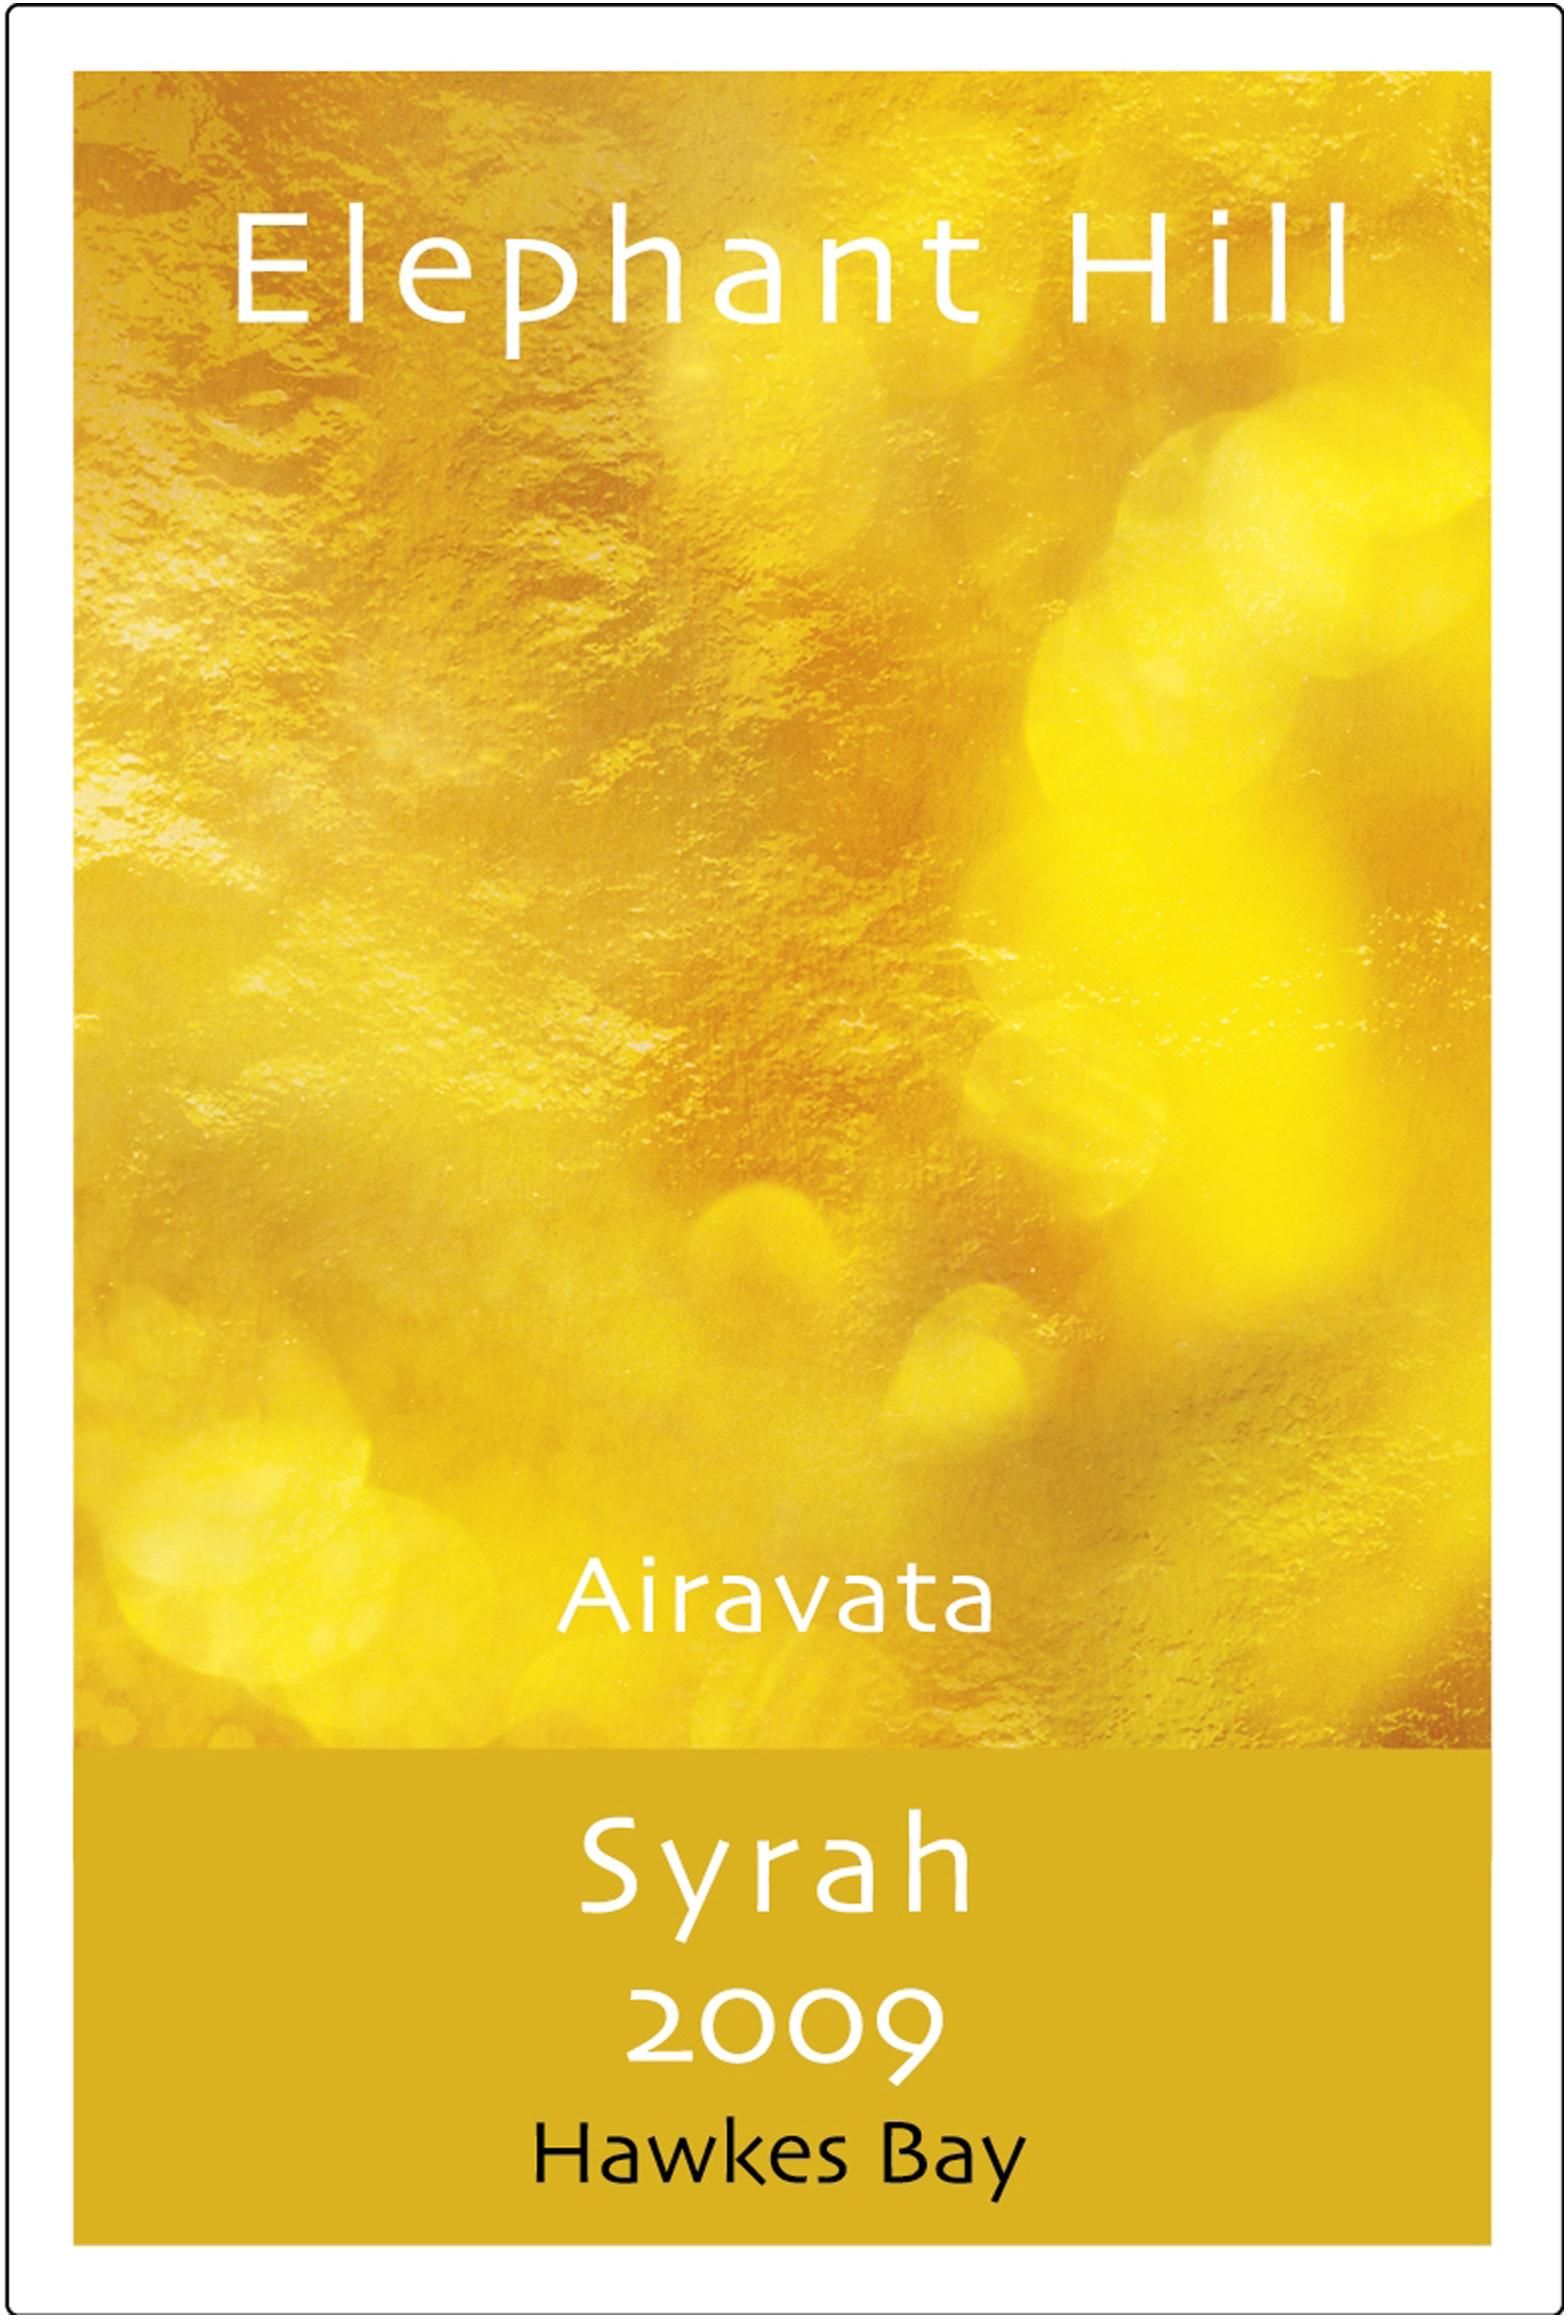 象山酒庄神象埃拉瓦塔红葡萄酒Elephant Hill Airavata Syrah